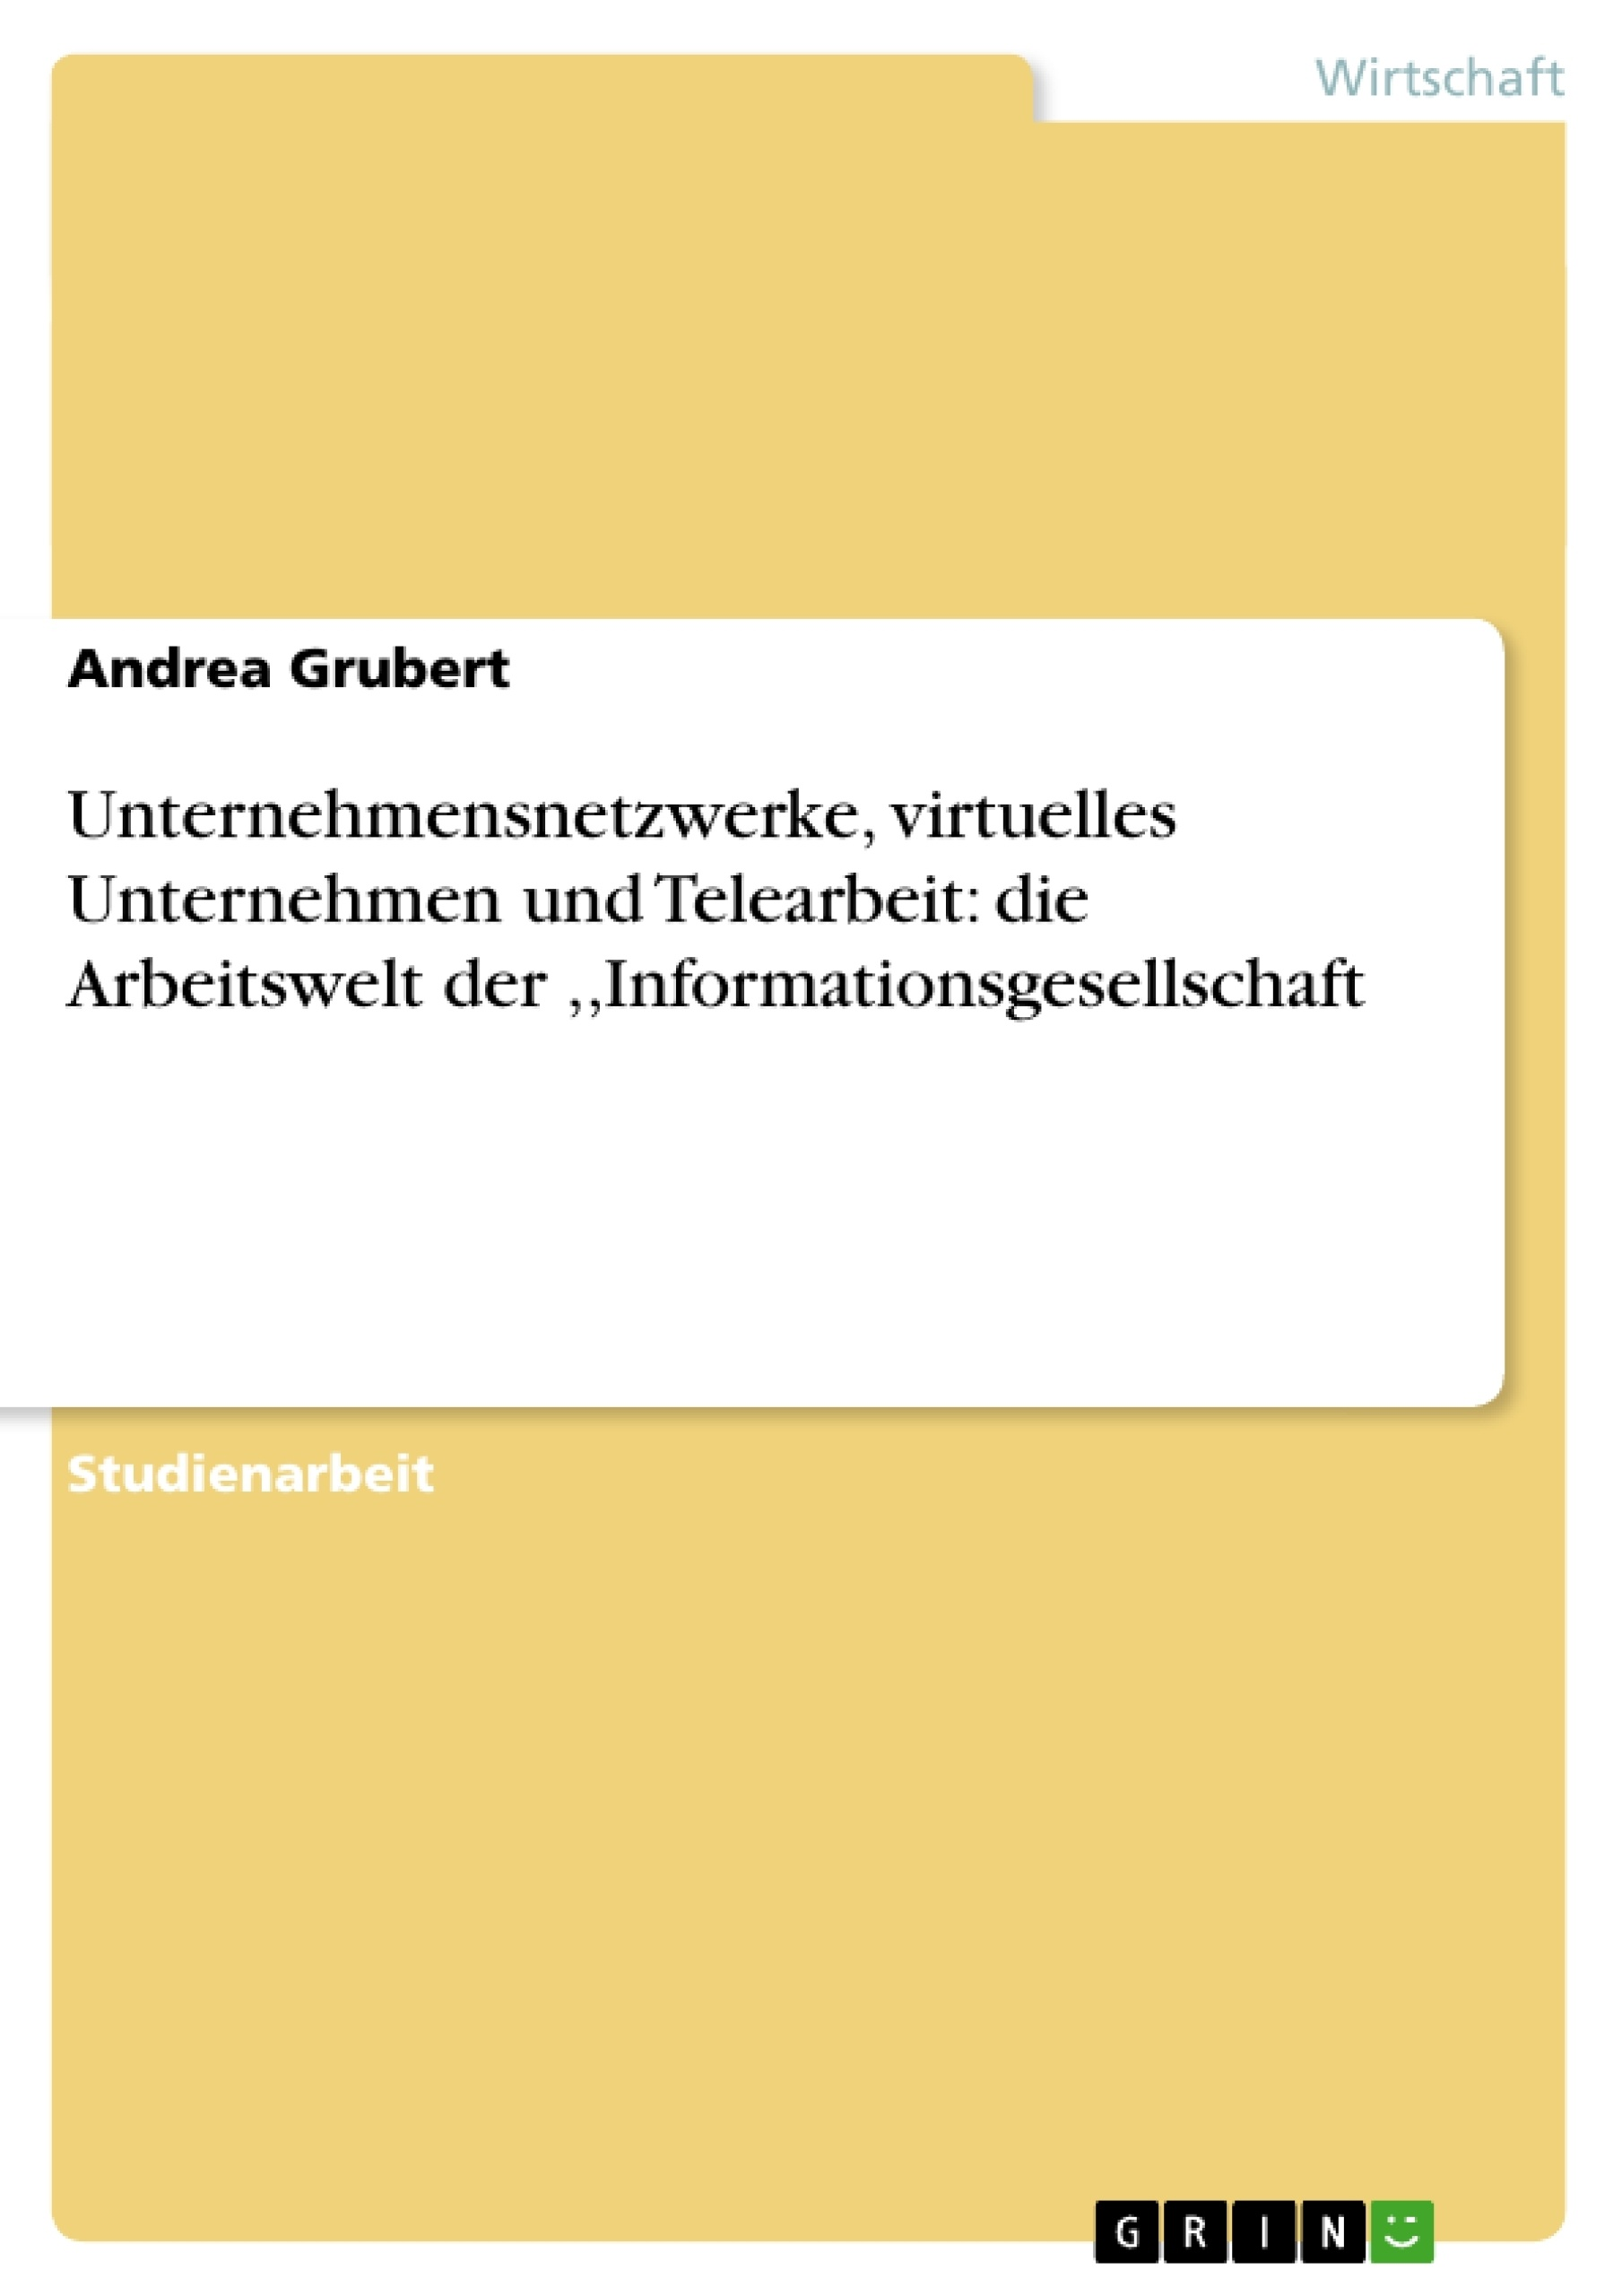 Titel: Unternehmensnetzwerke, virtuelles Unternehmen und Telearbeit: die Arbeitswelt der ,,Informationsgesellschaft